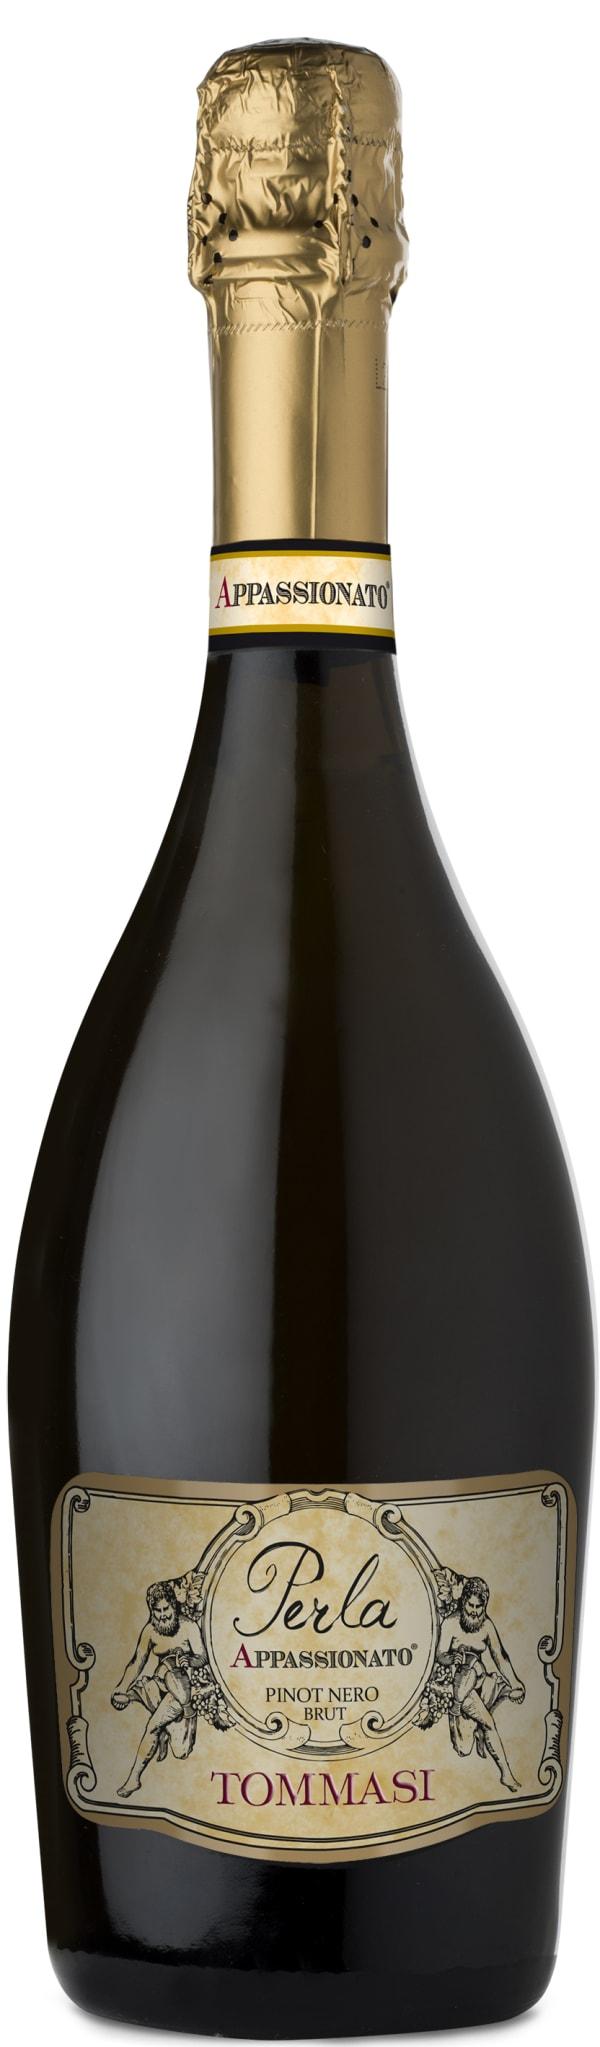 Tommasi Perla Pinot Nero Brut